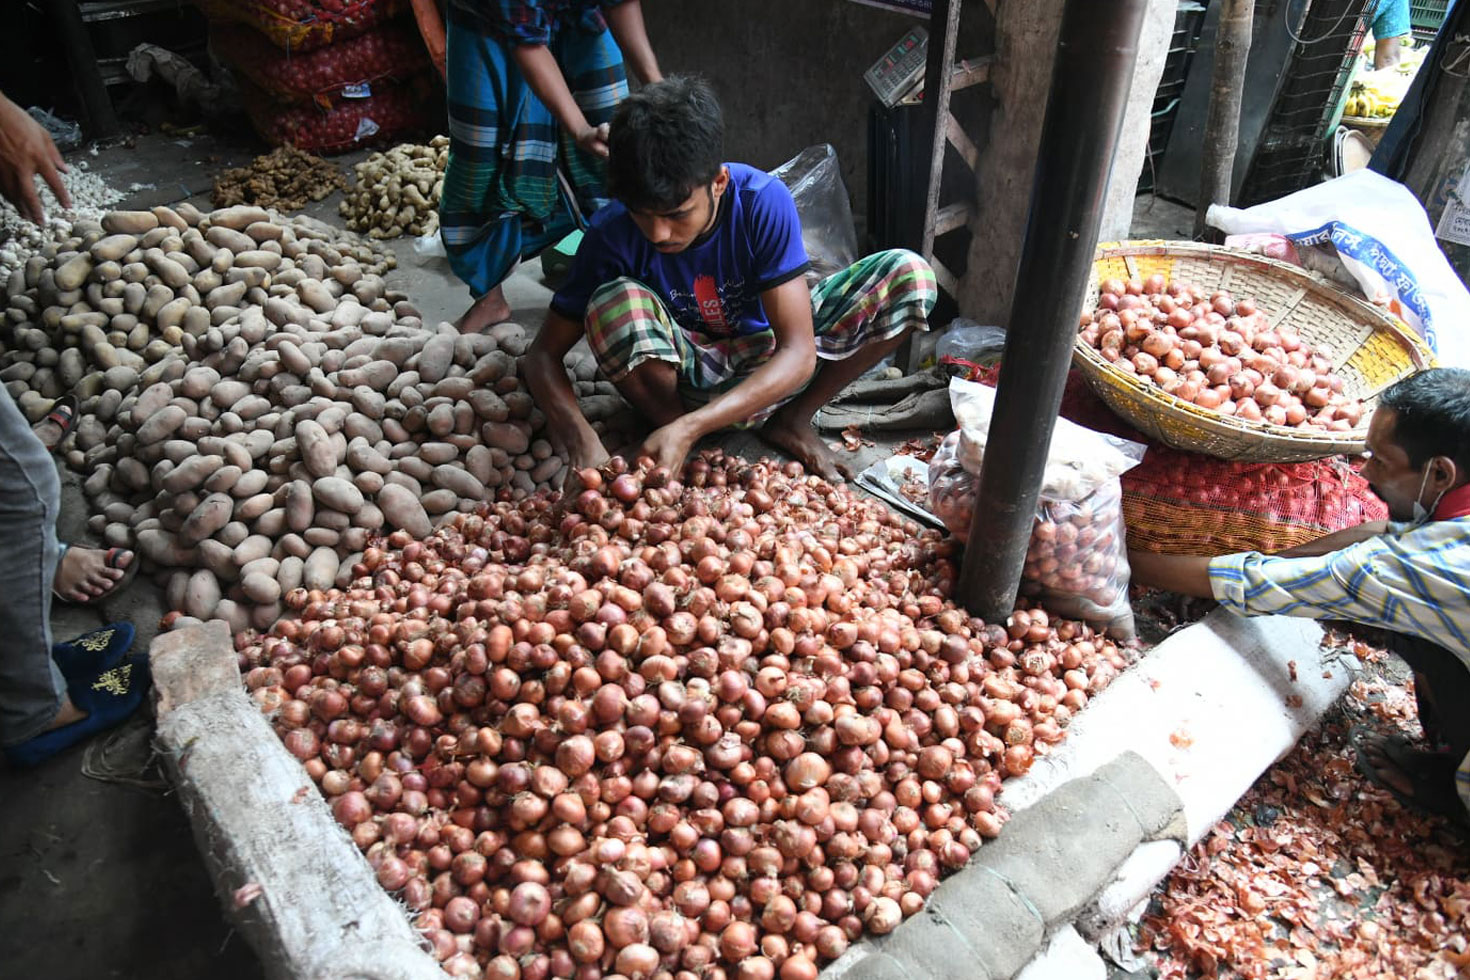 ভারতের রপ্তানি বন্ধের গুঞ্জনে পেঁয়াজের দাম দ্বিগুণ